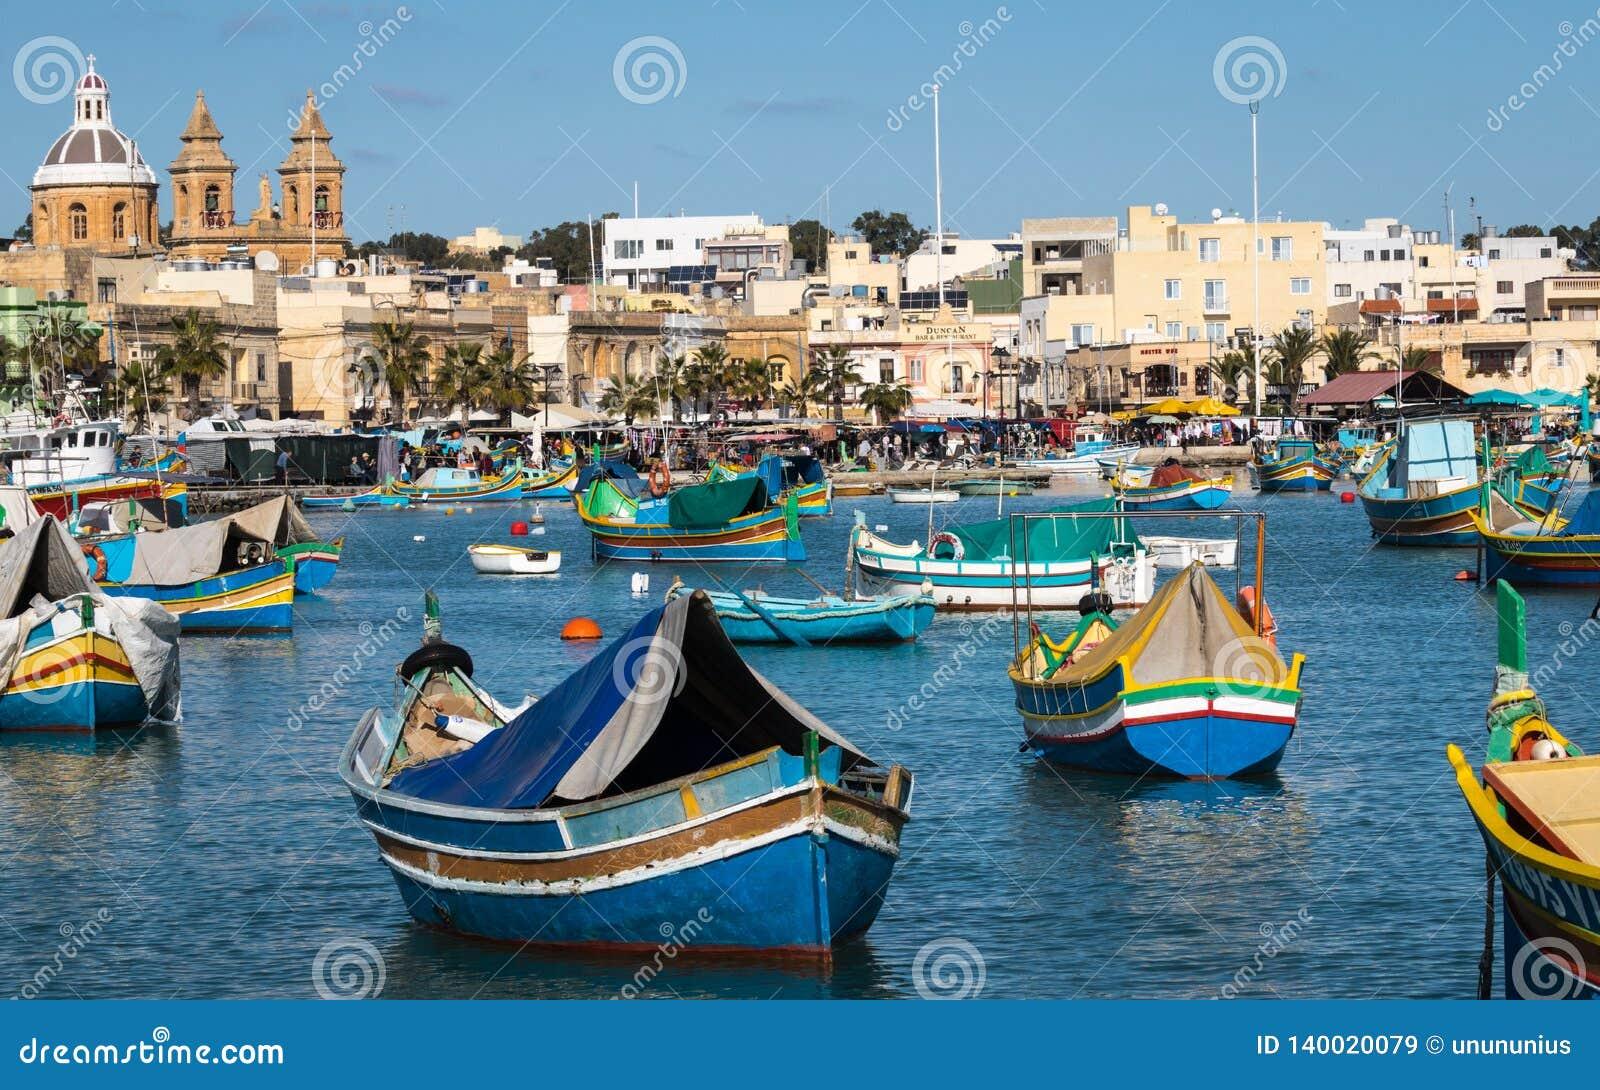 Λιμάνι Marsaxlokk με τις παραδοσιακές, ζωηρόχρωμες βάρκες Luzzu στον κόλπο με την αγορά στο υπόβαθρο